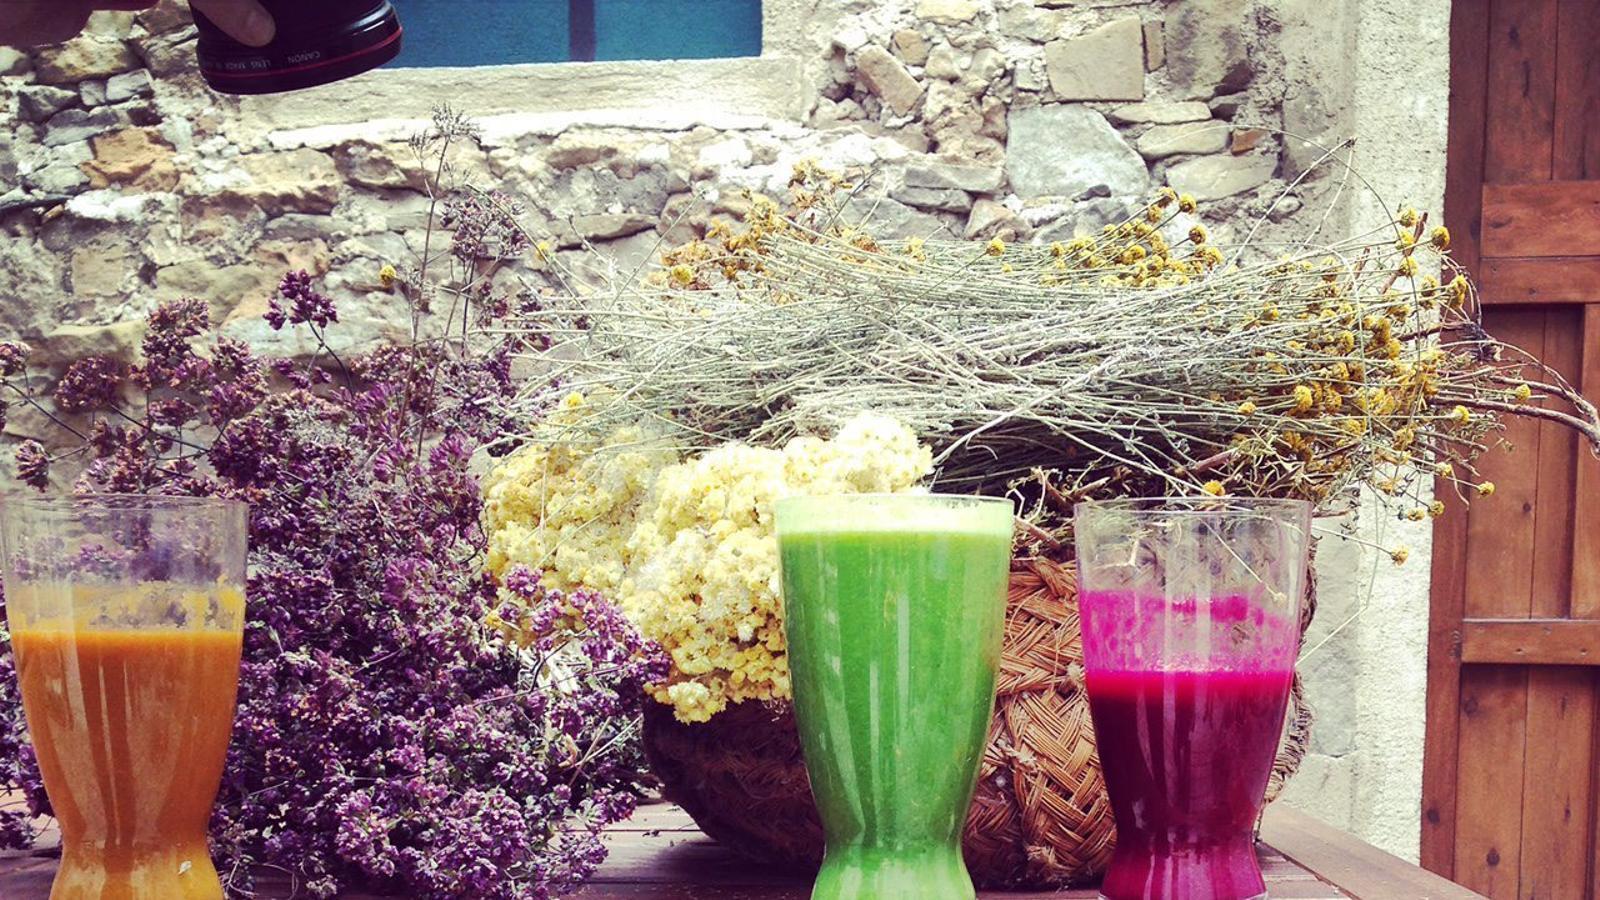 Arriba el primer festival 'healthy': Cómo Como Festival No serà una fira ni un mercat amb 'food trucks', el Cómo Como vol recollir les tendències gastronòmiques però alhora aportar informació sobre el concepte d'alimentació saludable